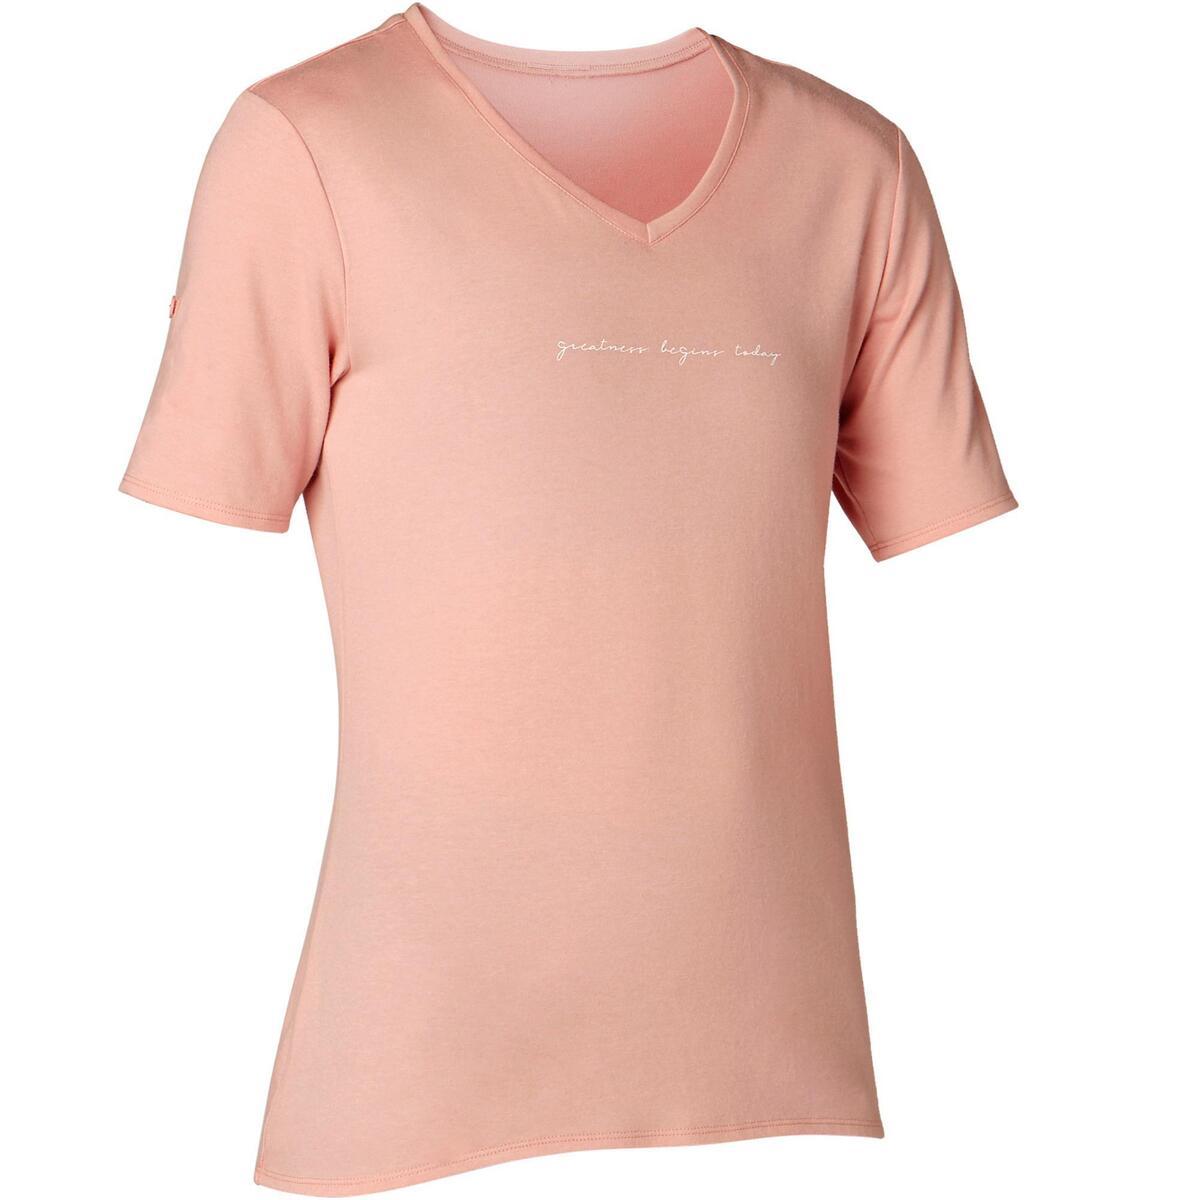 Bild 1 von T-Shirt Regular 510 Pilates sanfte Gym Damen rosa mit Print